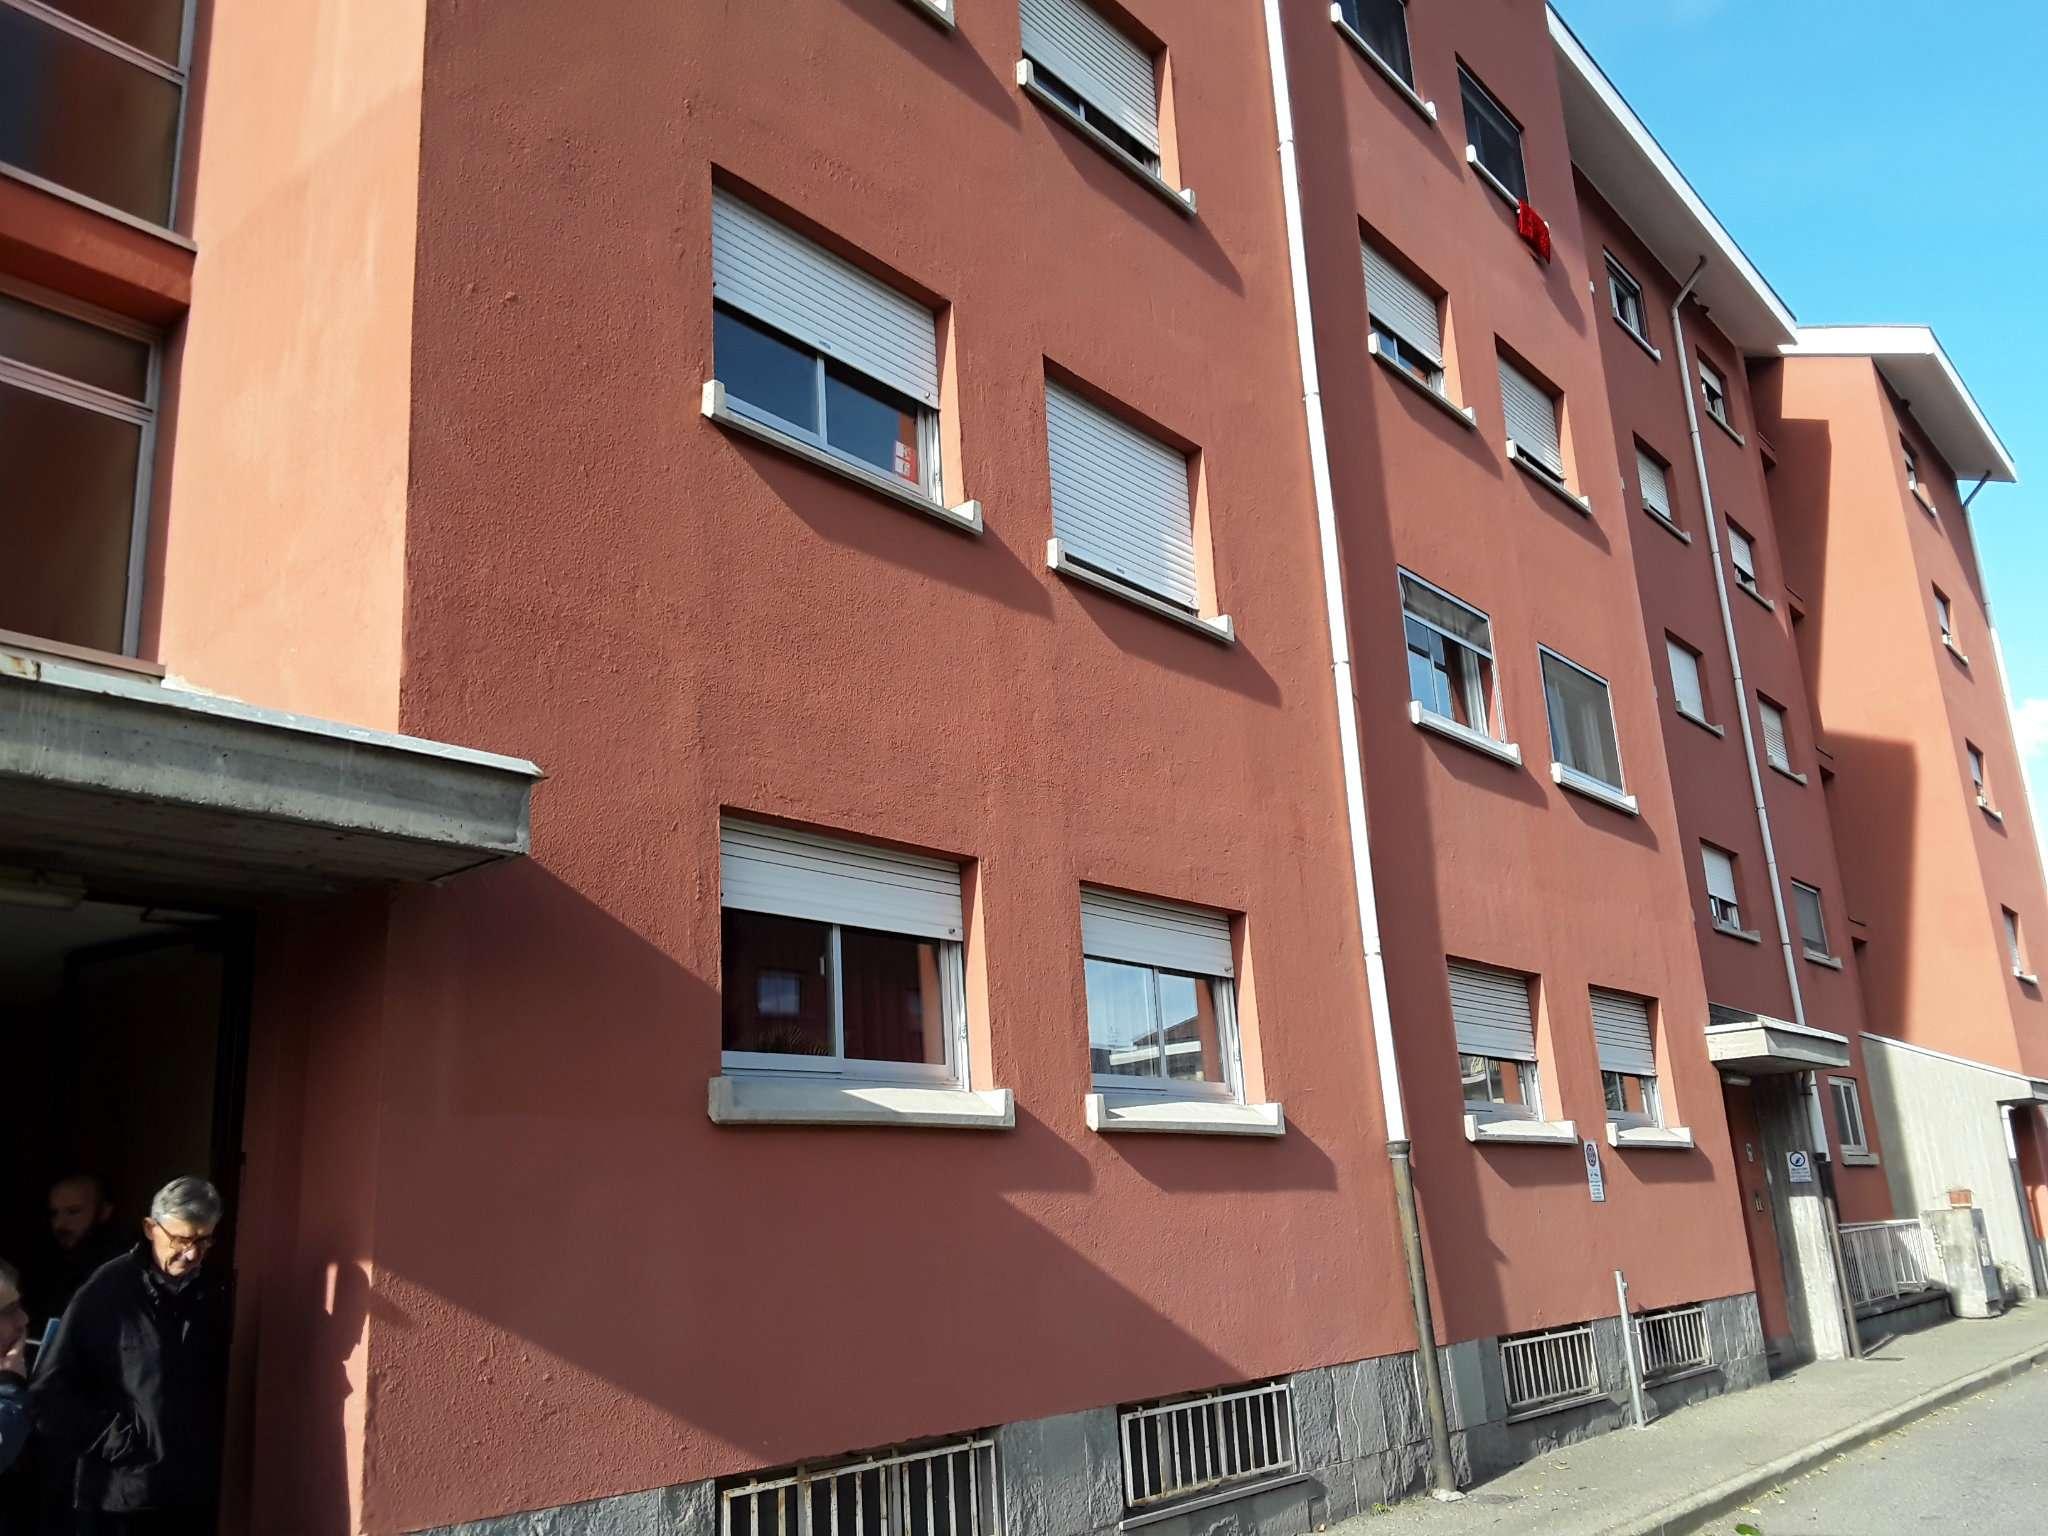 Appartamento in vendita a Alpignano, 3 locali, prezzo € 115.000 | CambioCasa.it